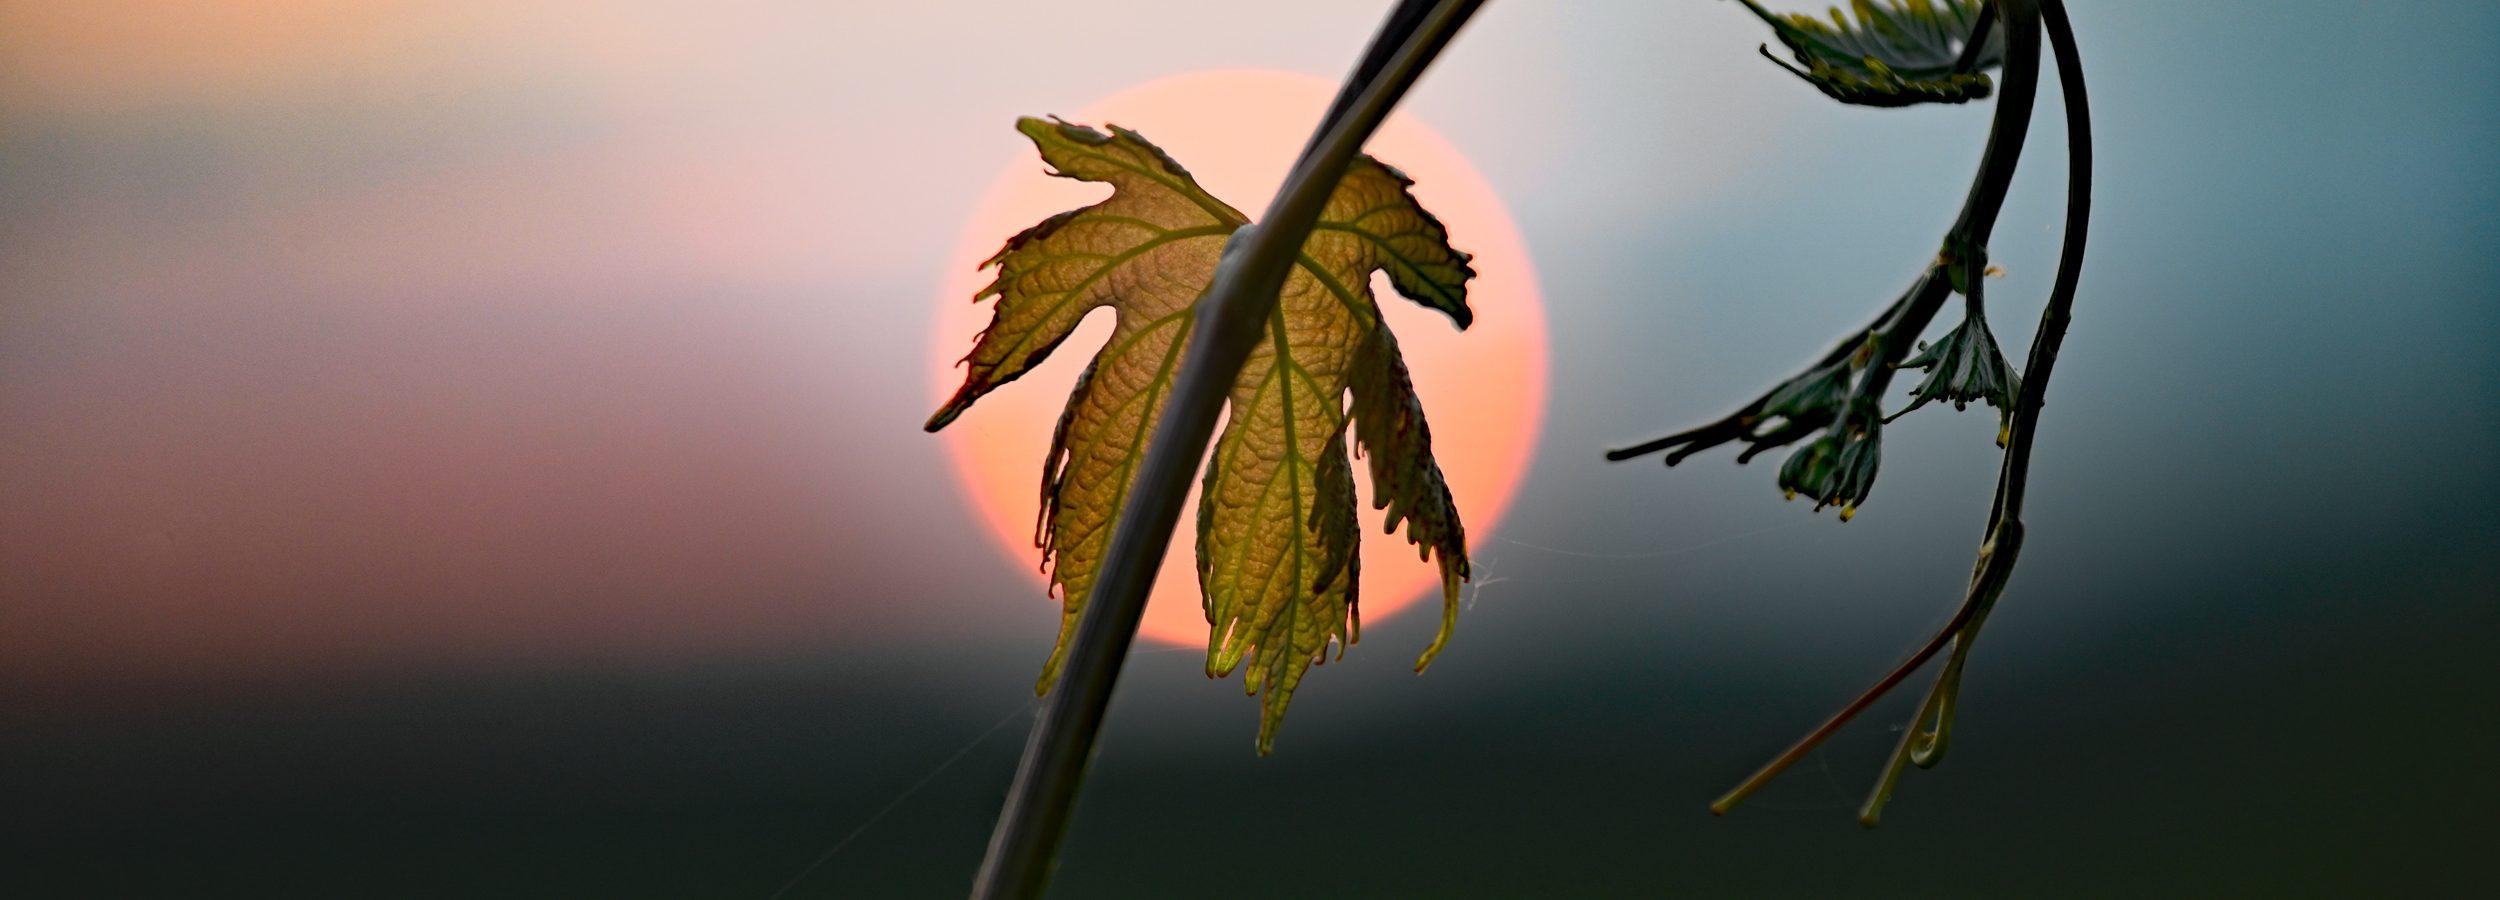 Winorośl i zachodzące słońce